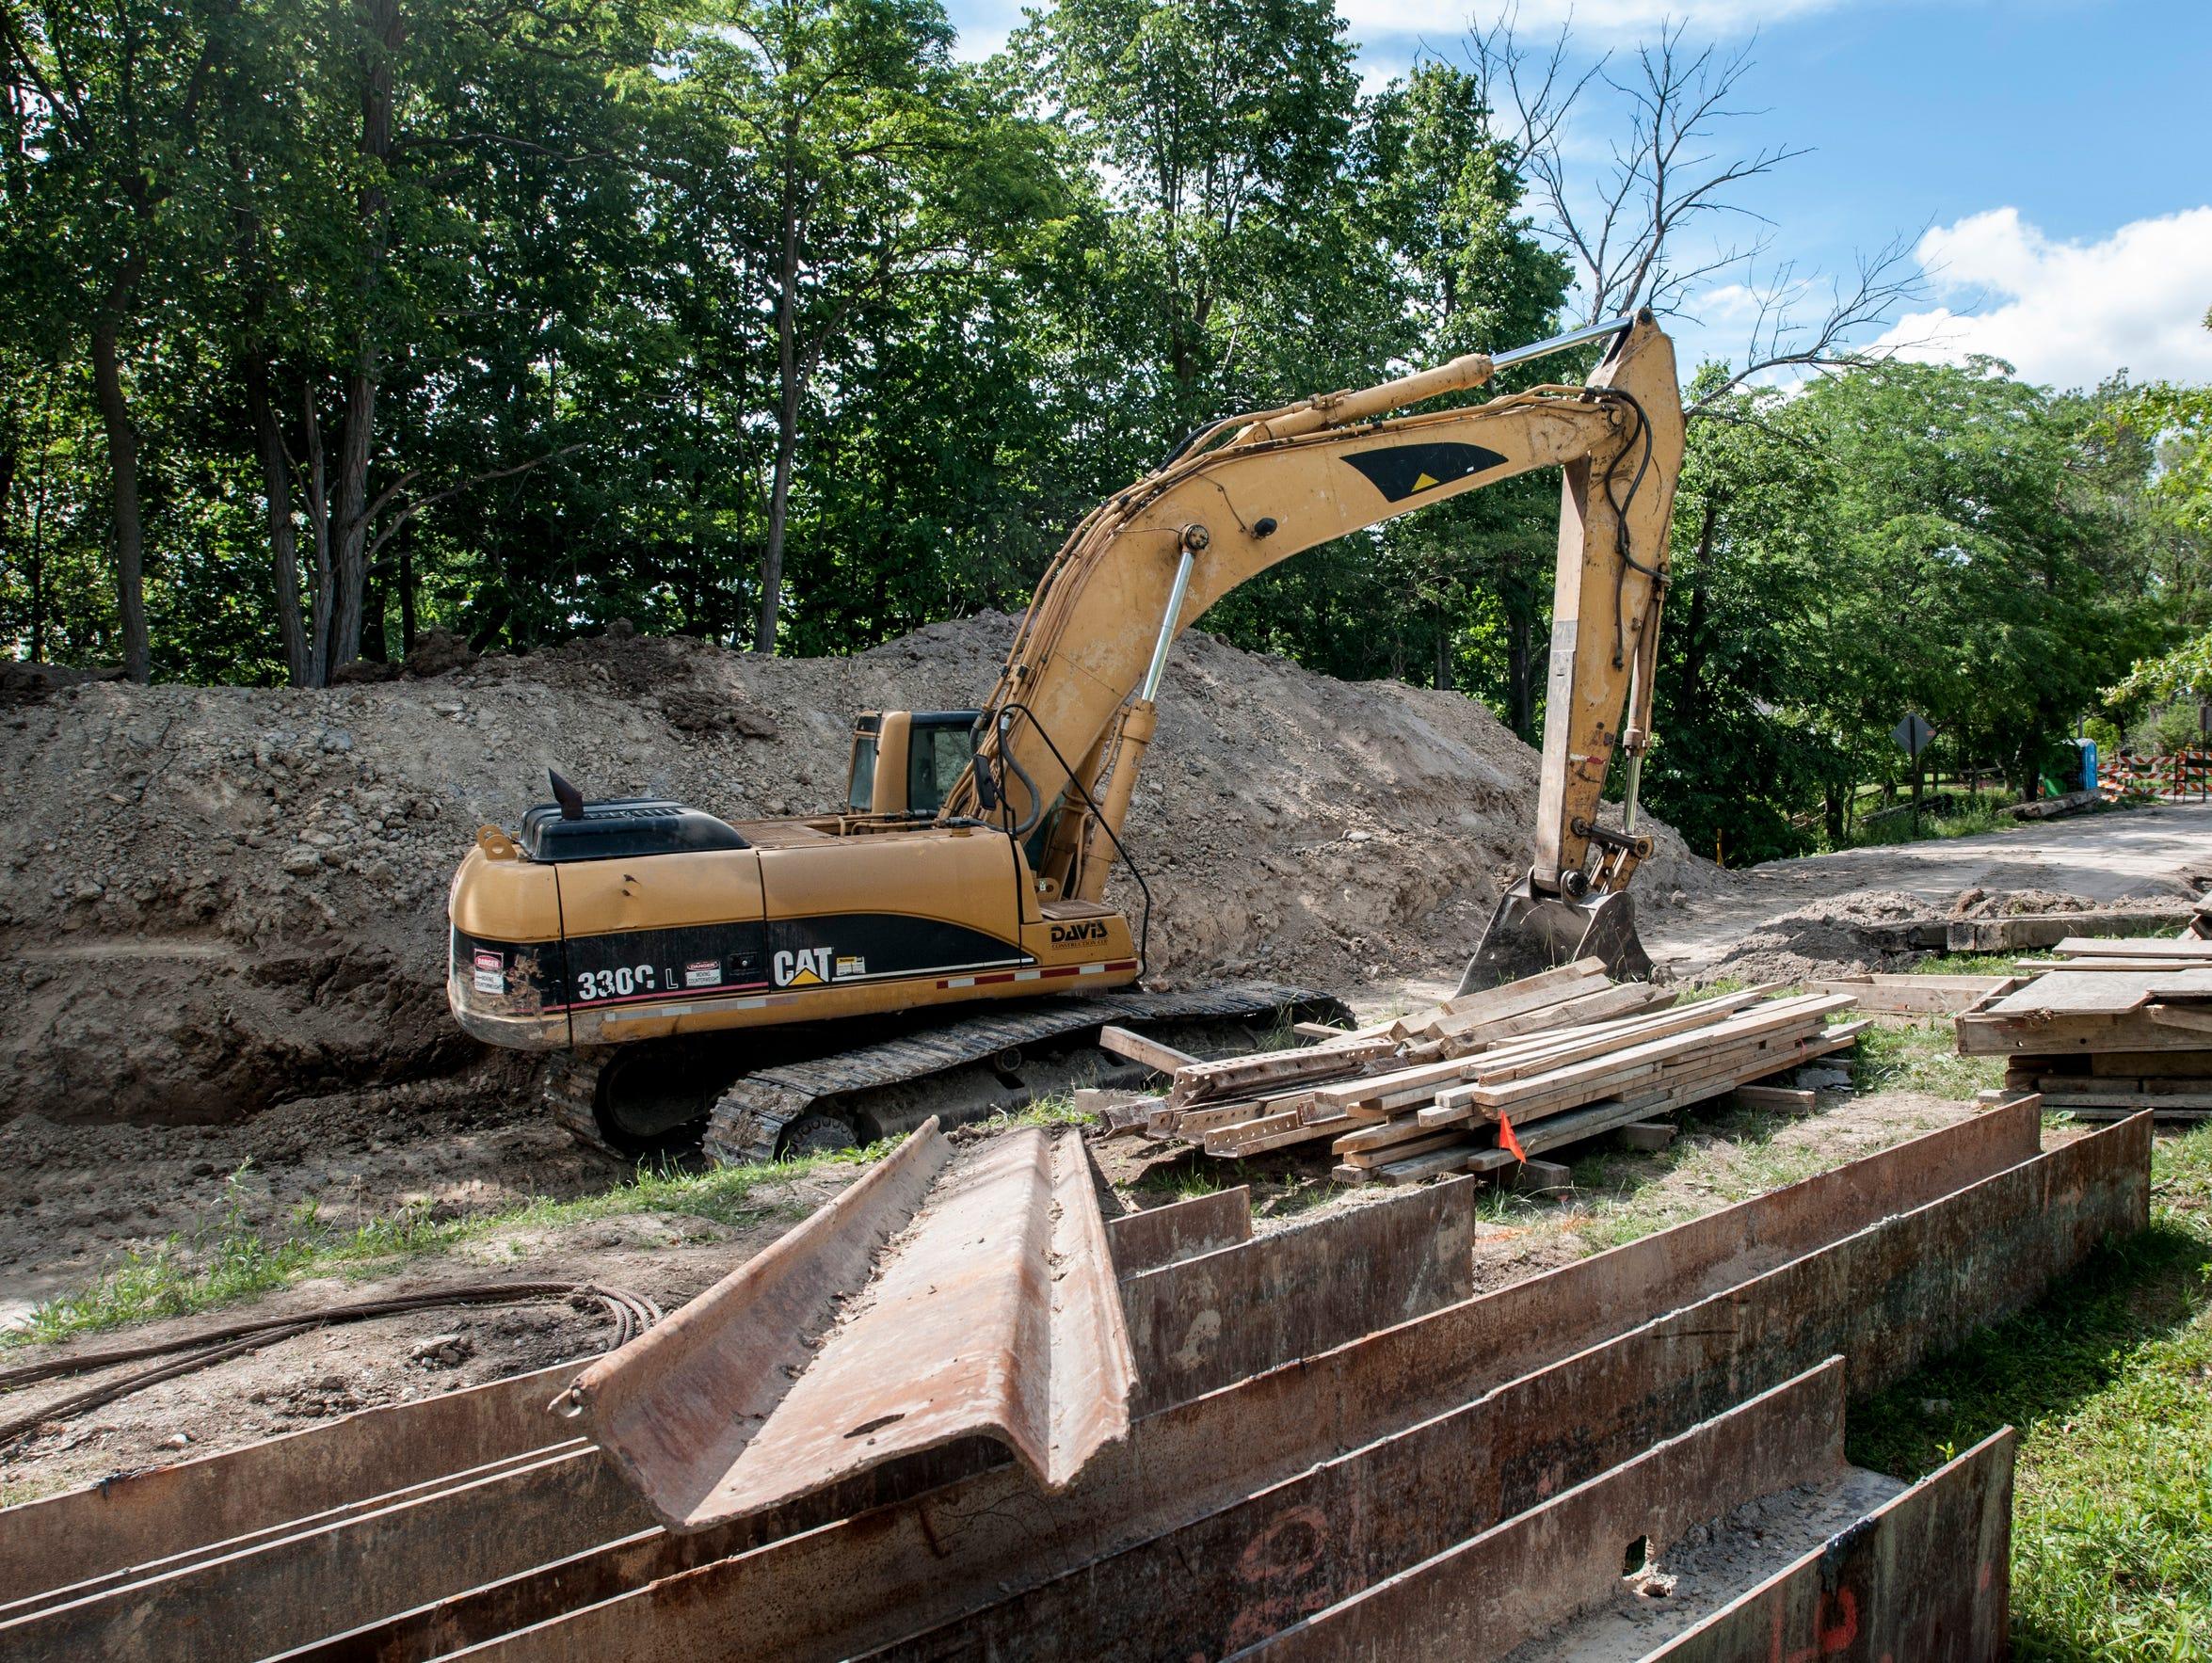 Work to replace the Hessen Road bridge over Swan Creek